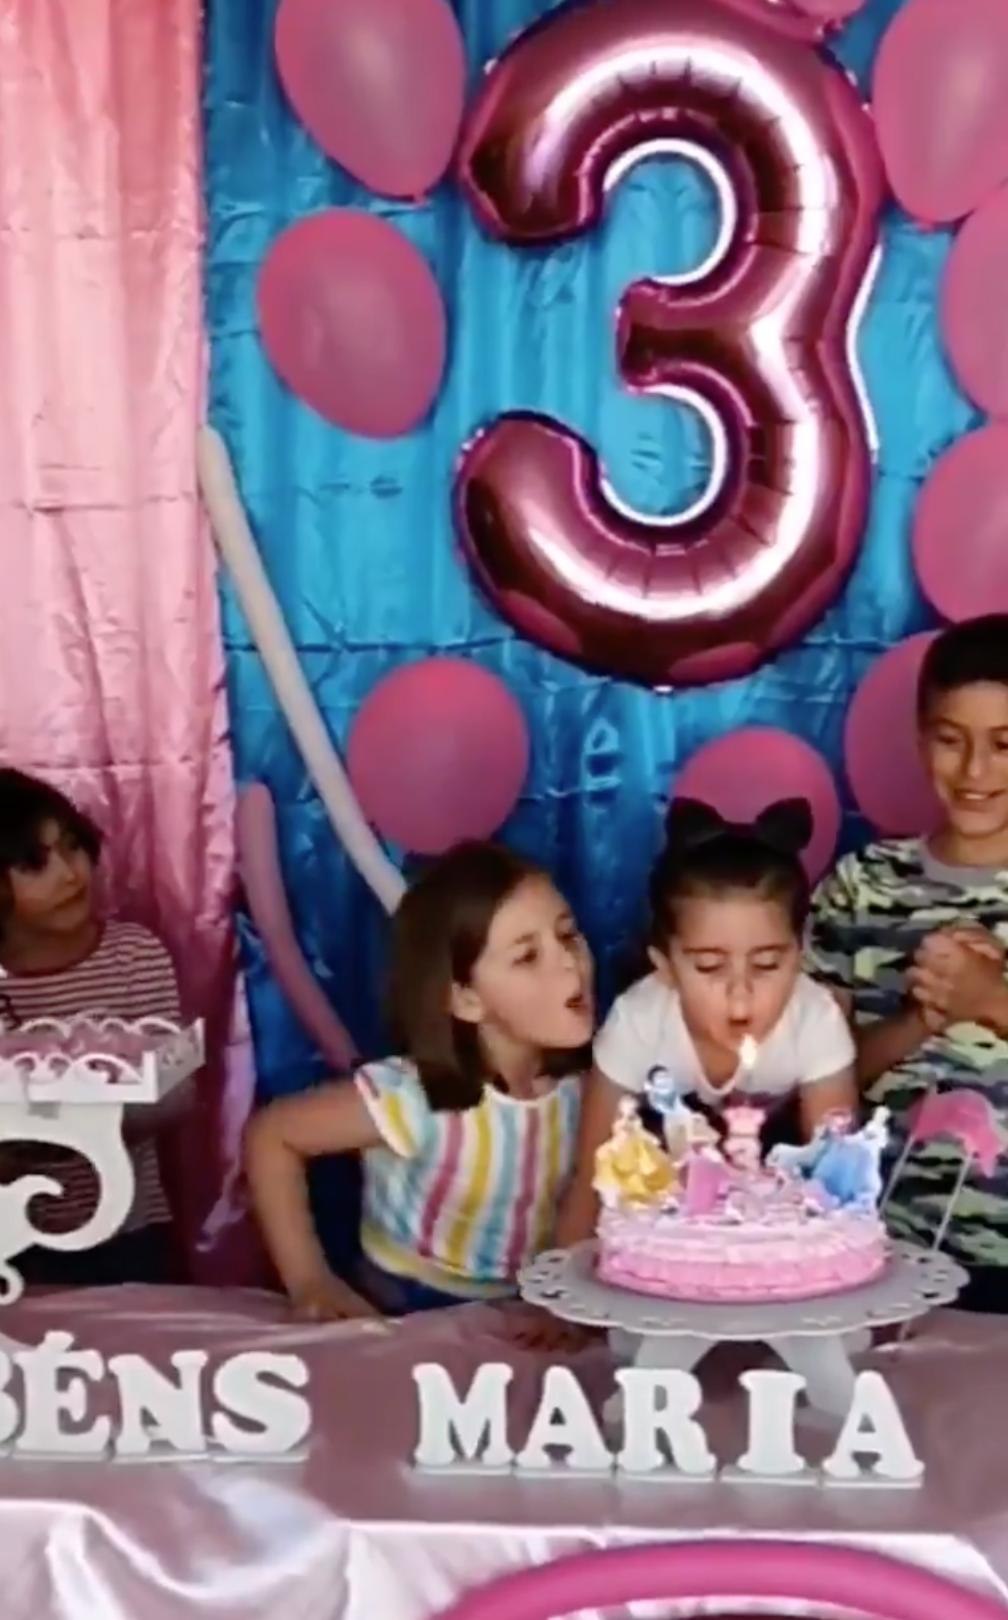 Niñas se hacen virales por la pelea que protagonizan en cumpleaños